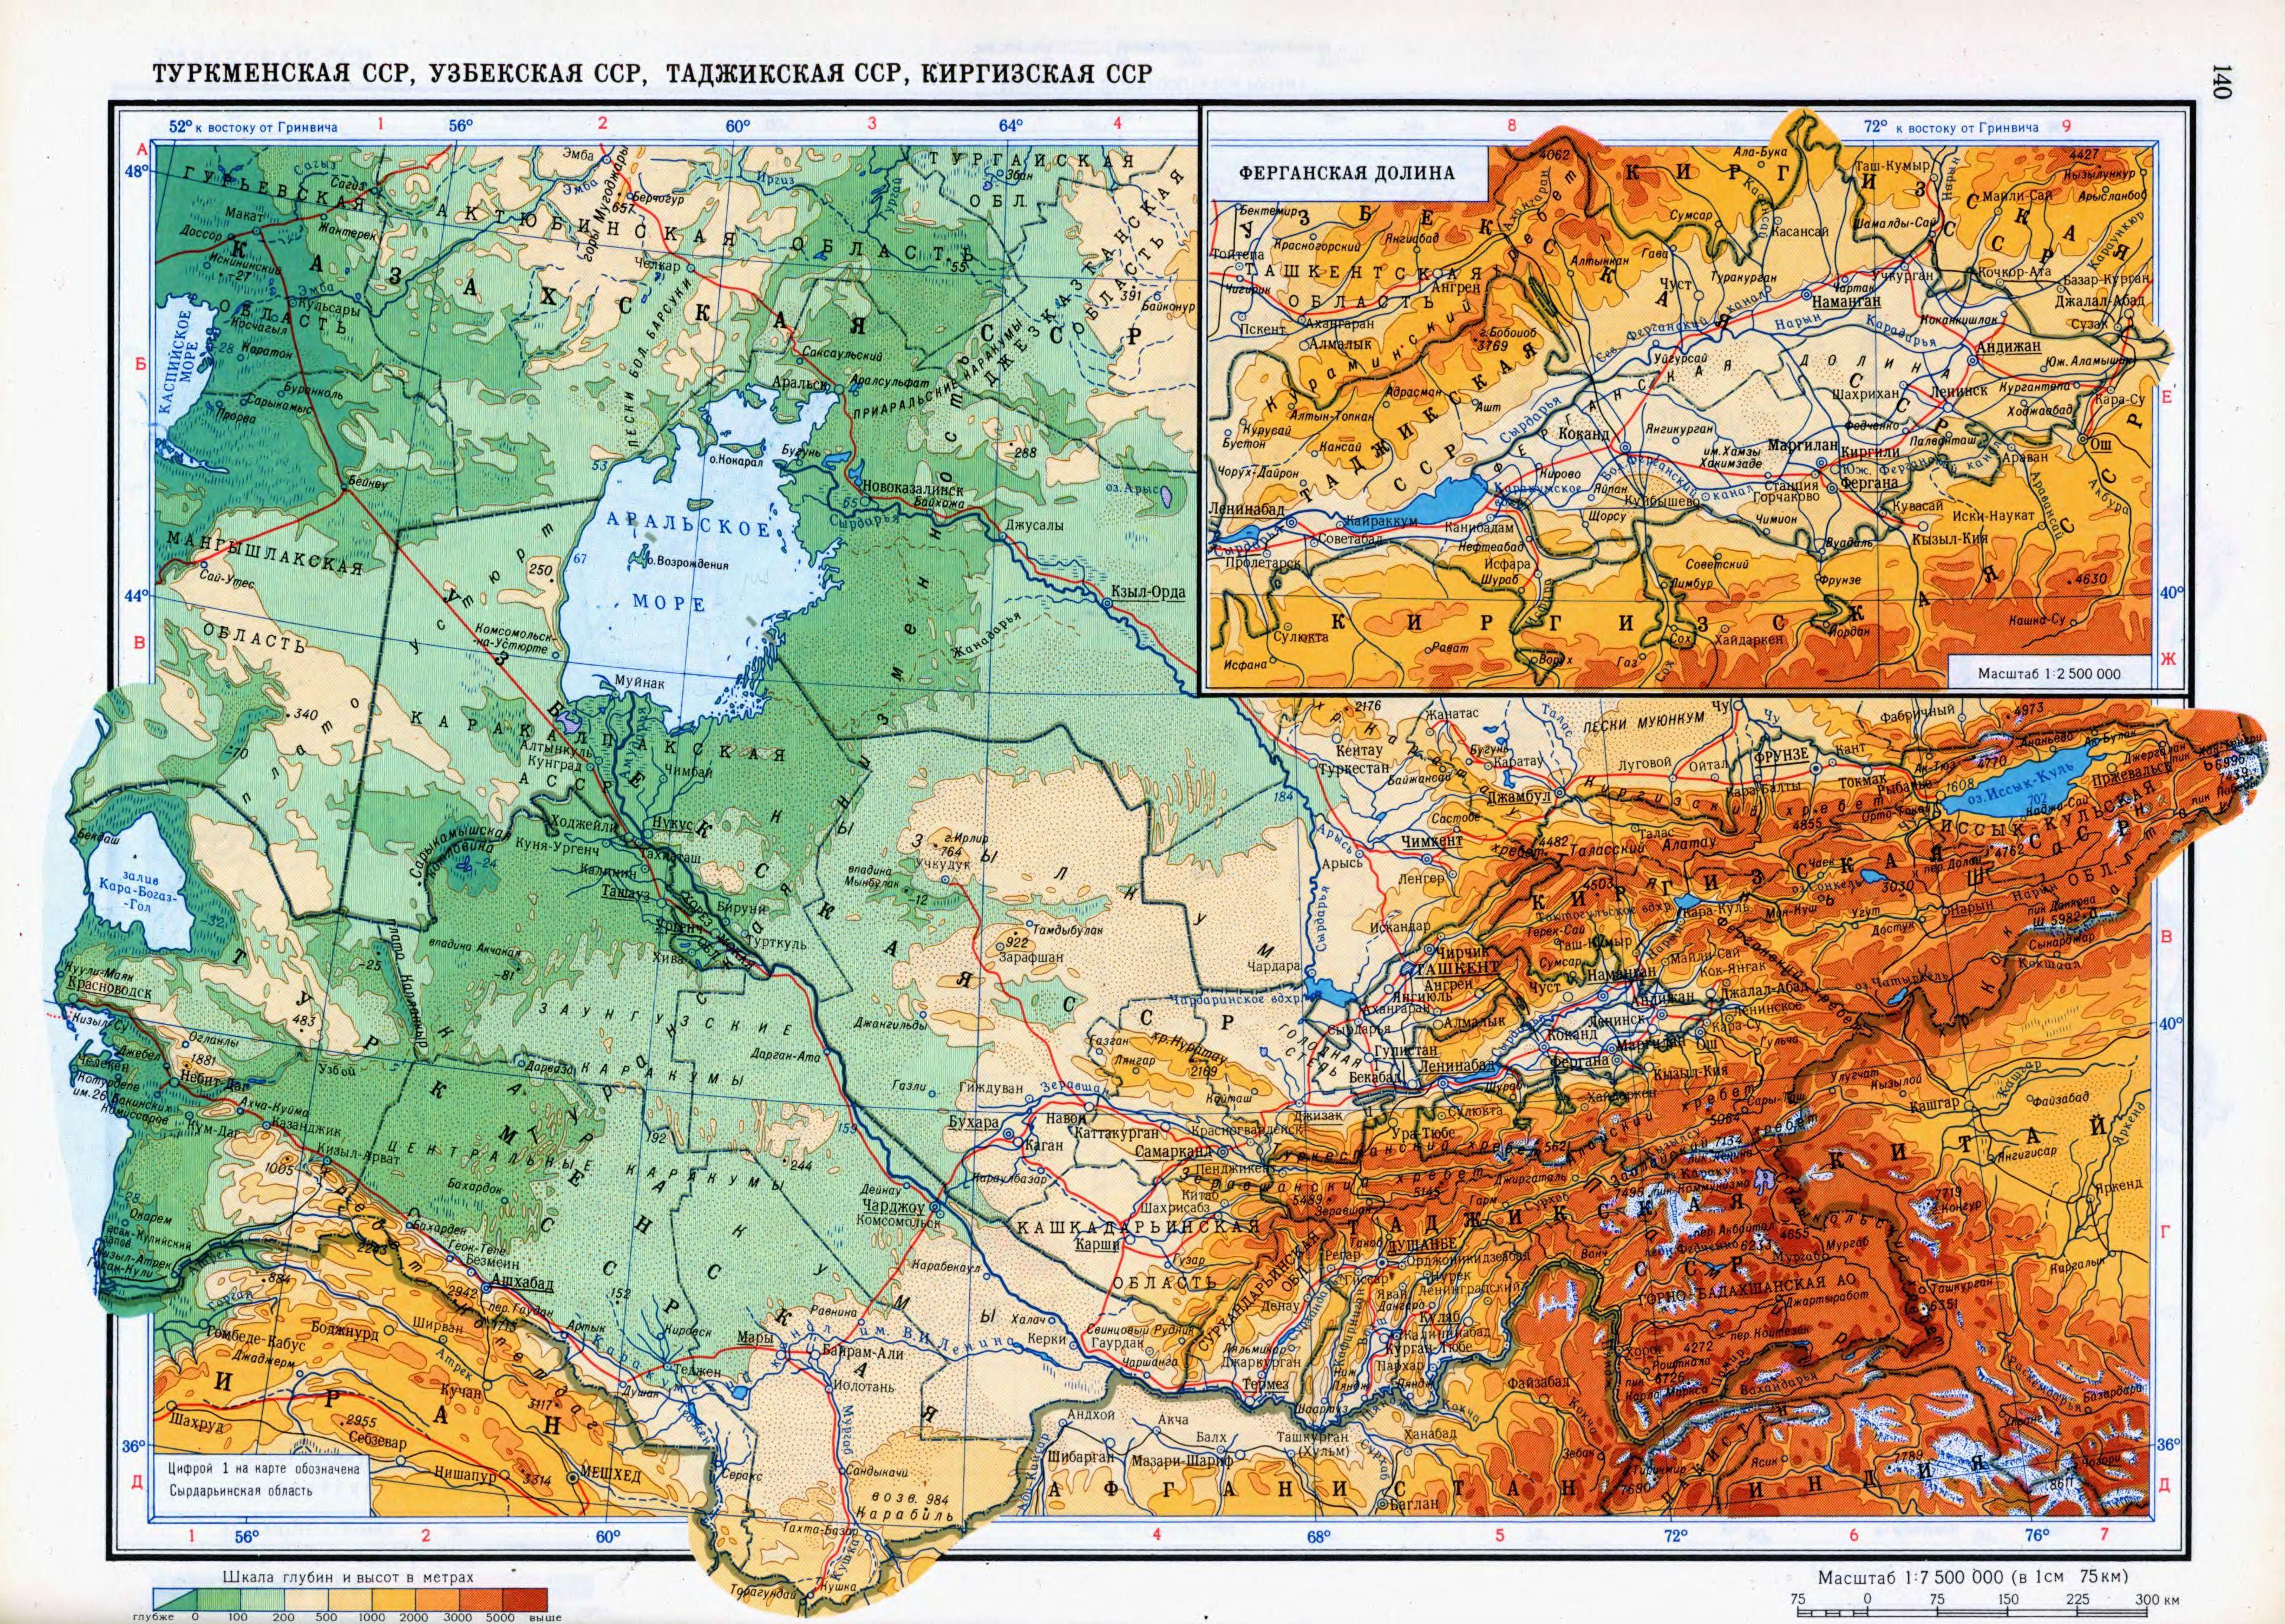 Fizicheskaya Karta Gosudarstv Srednej Azii Kirgizstana